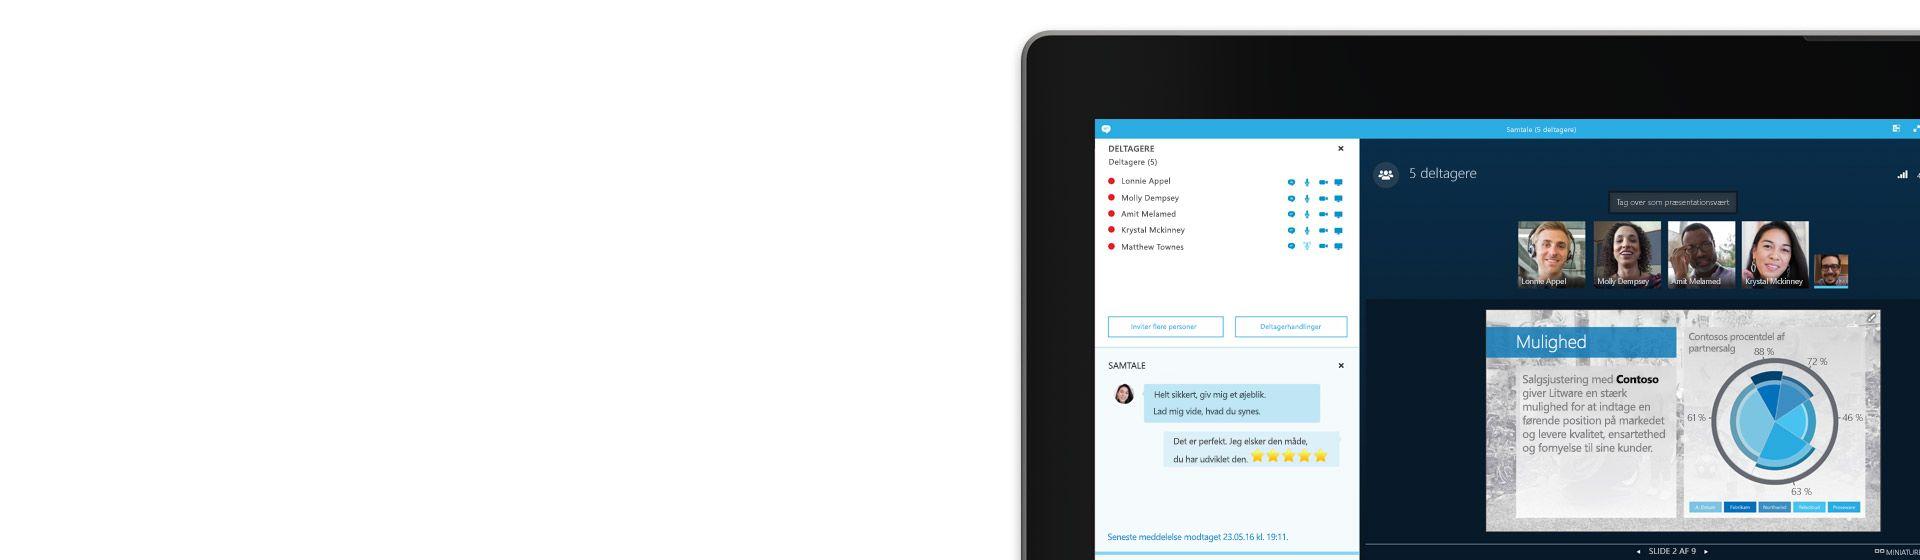 Hjørne af skærmen på en bærbar computer, der viser et igangværende Skype for Business-møde med et billede af listen over deltagere